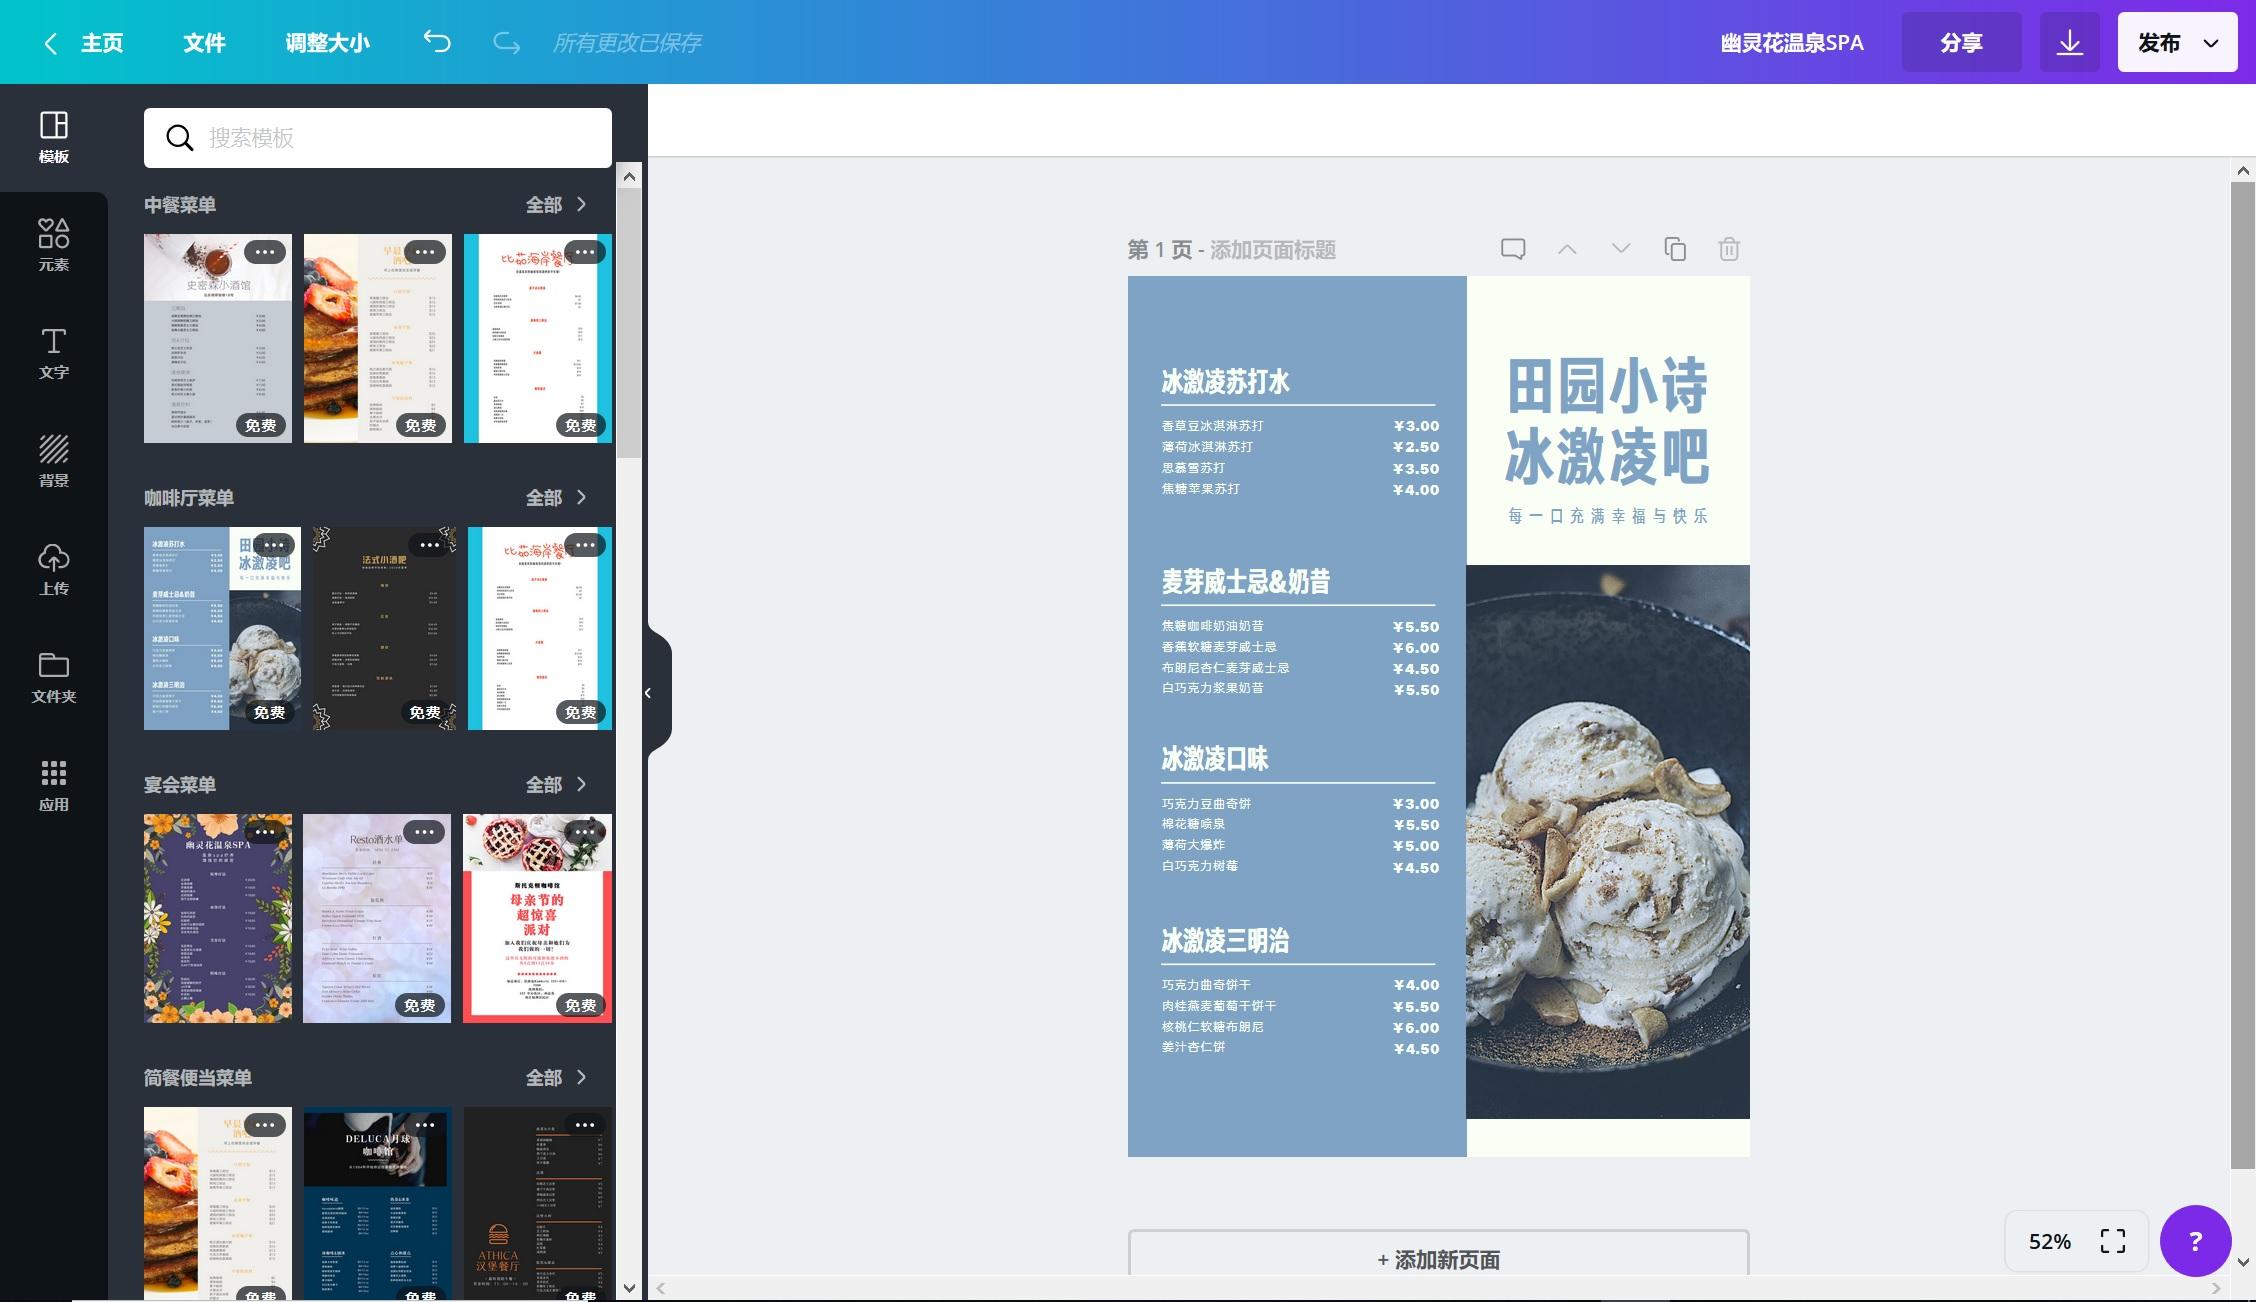 canva menu design